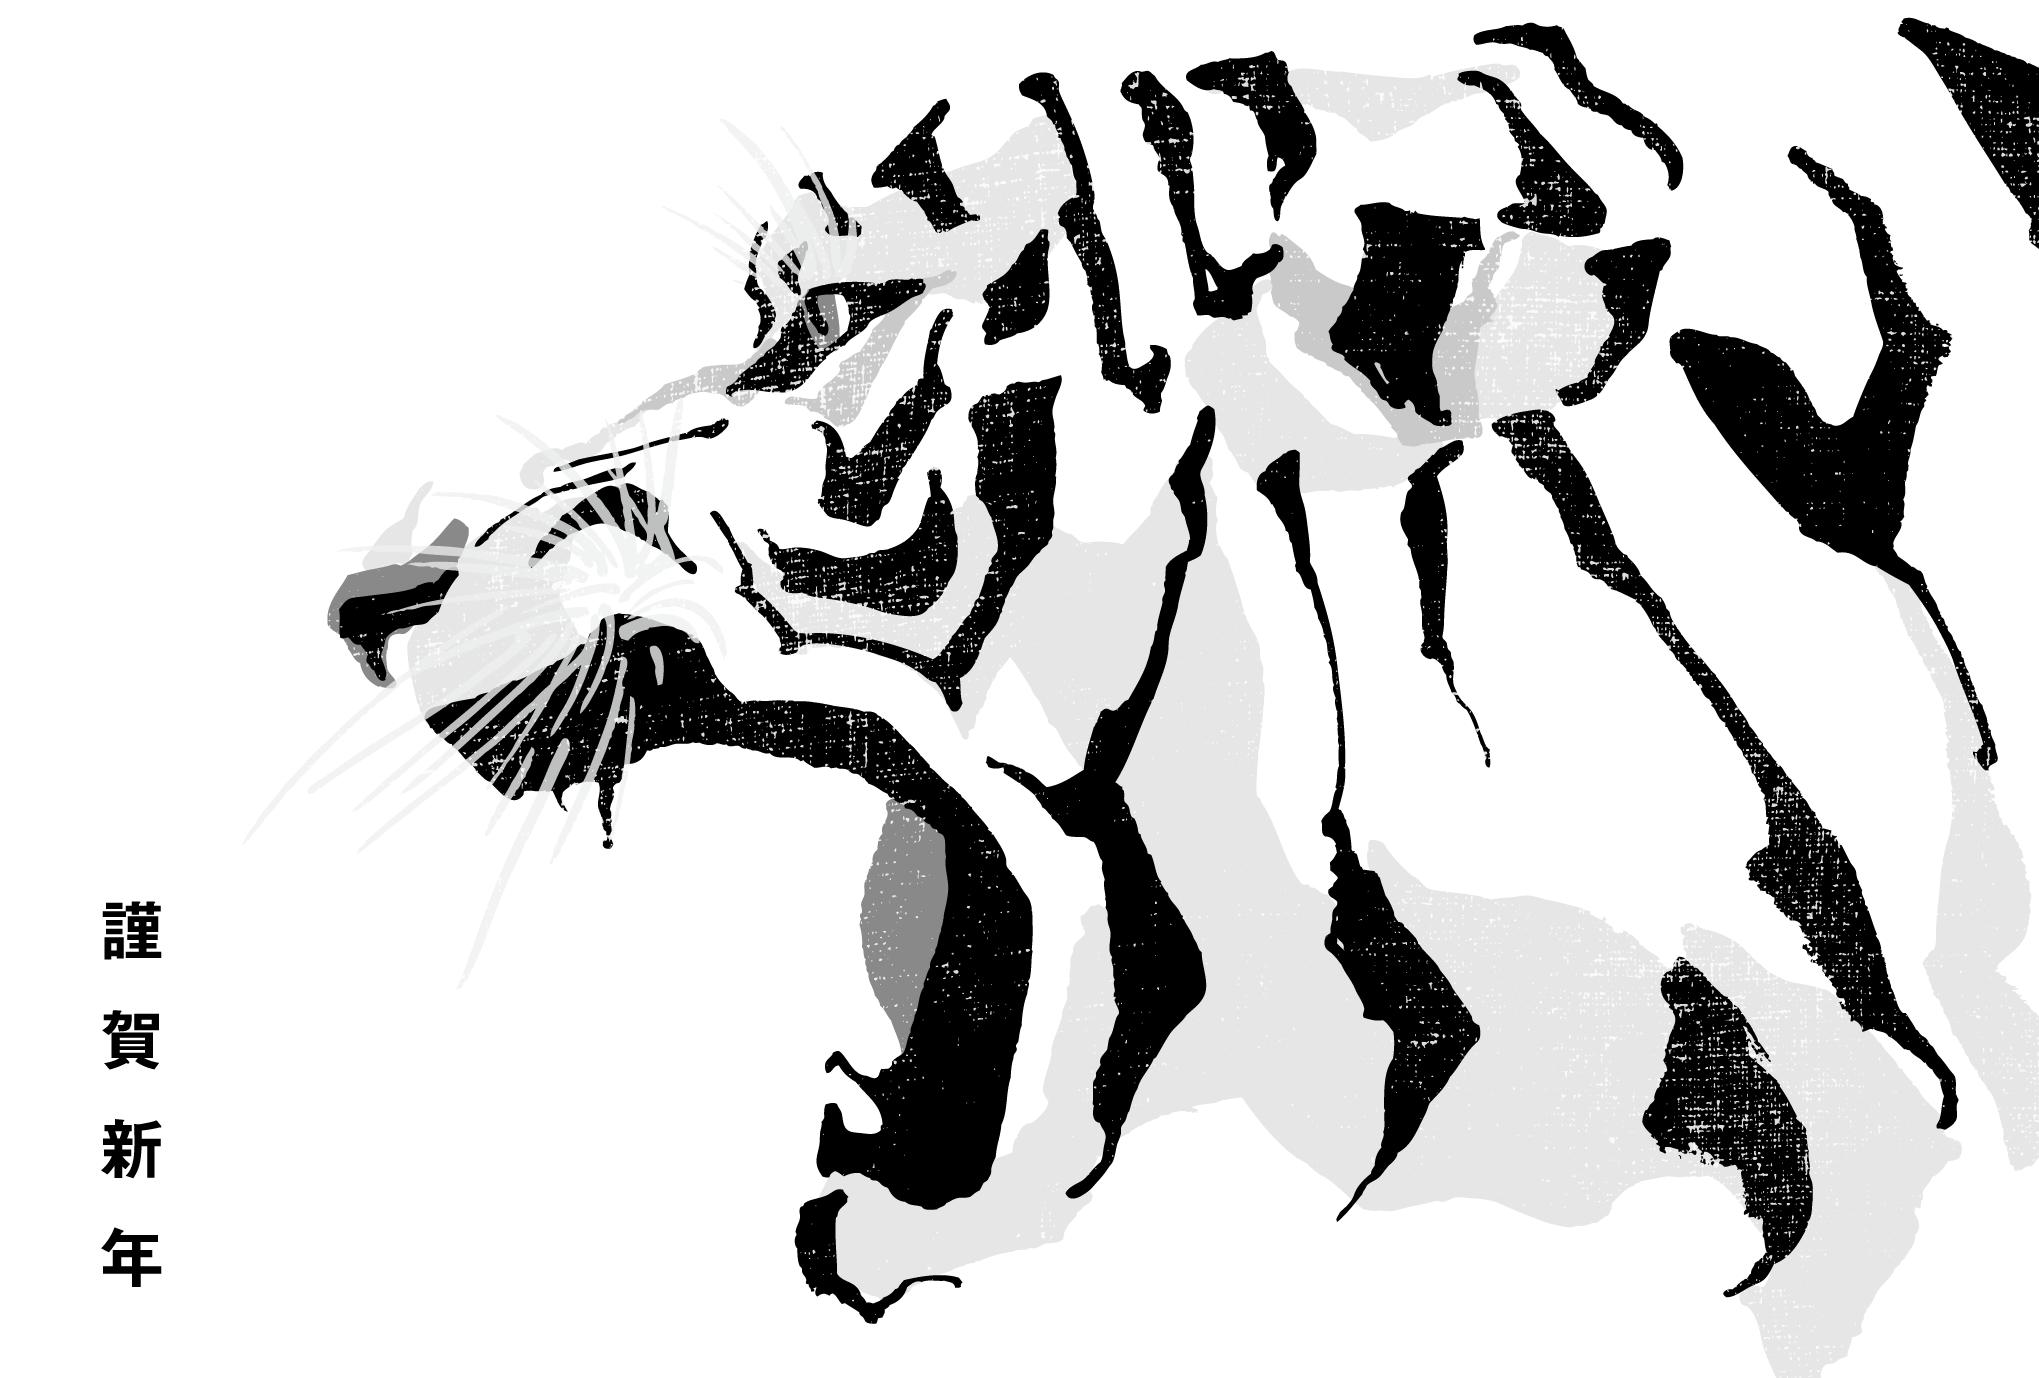 2022年賀状09:虎嘯(黒)のダウンロード画像